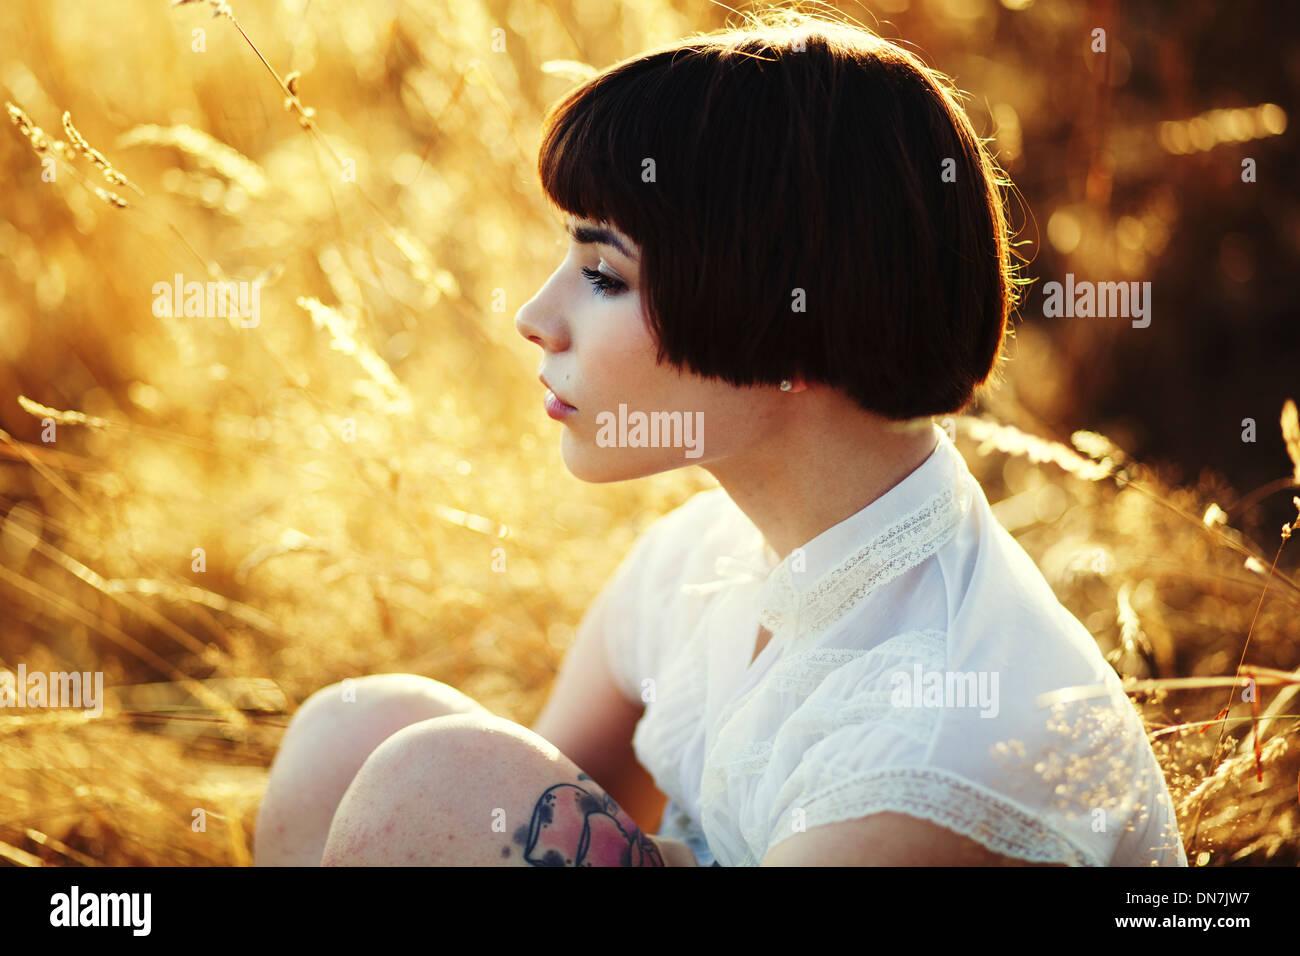 Junge Frau sitzt auf einer Wiese, Porträt Stockbild